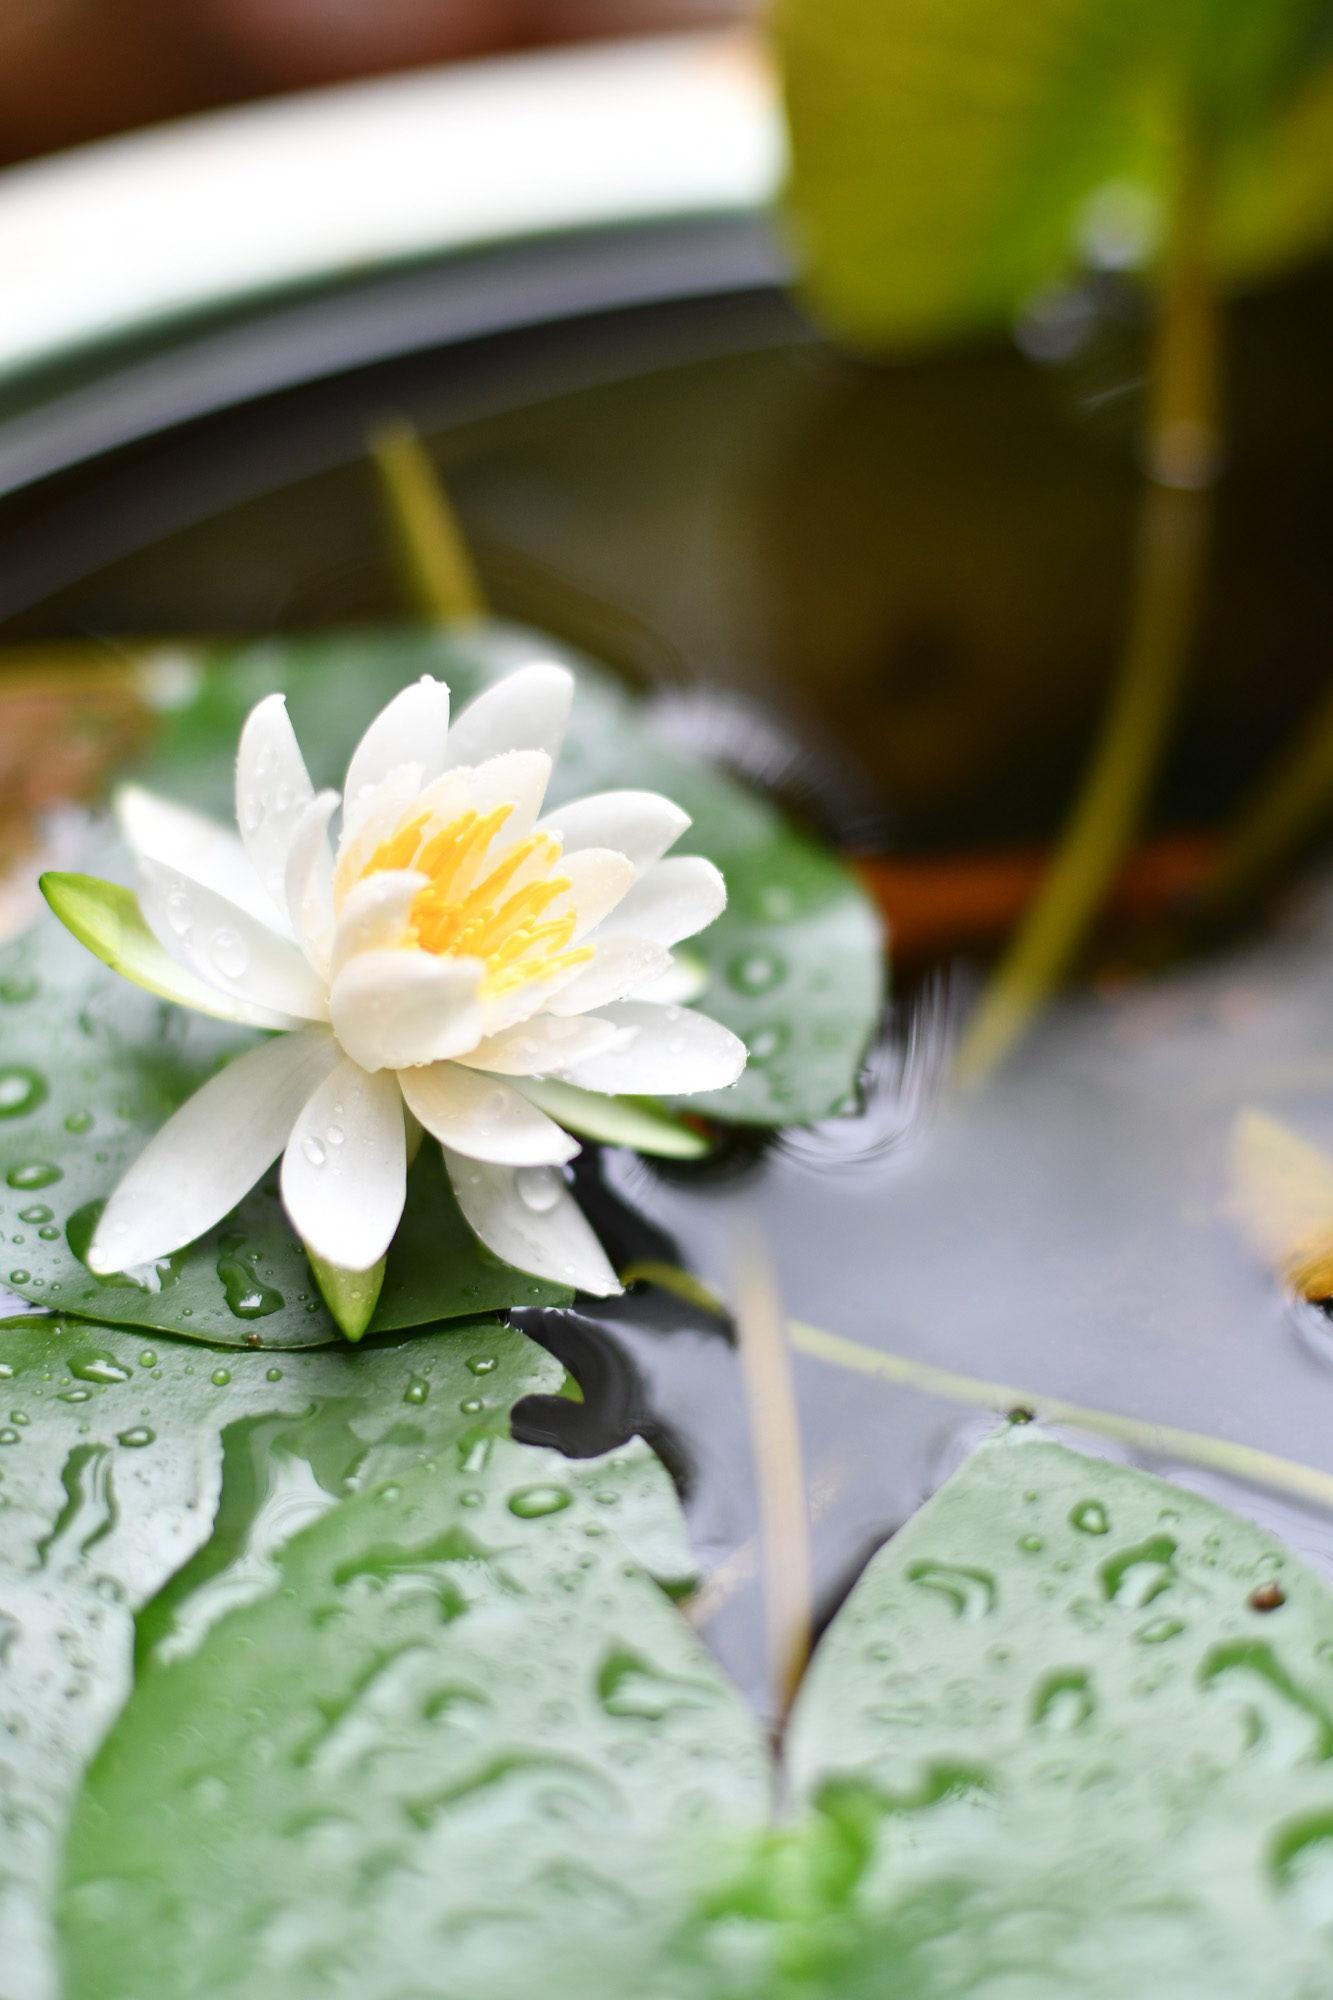 久々に庭の睡蓮が咲きました!(^o^)